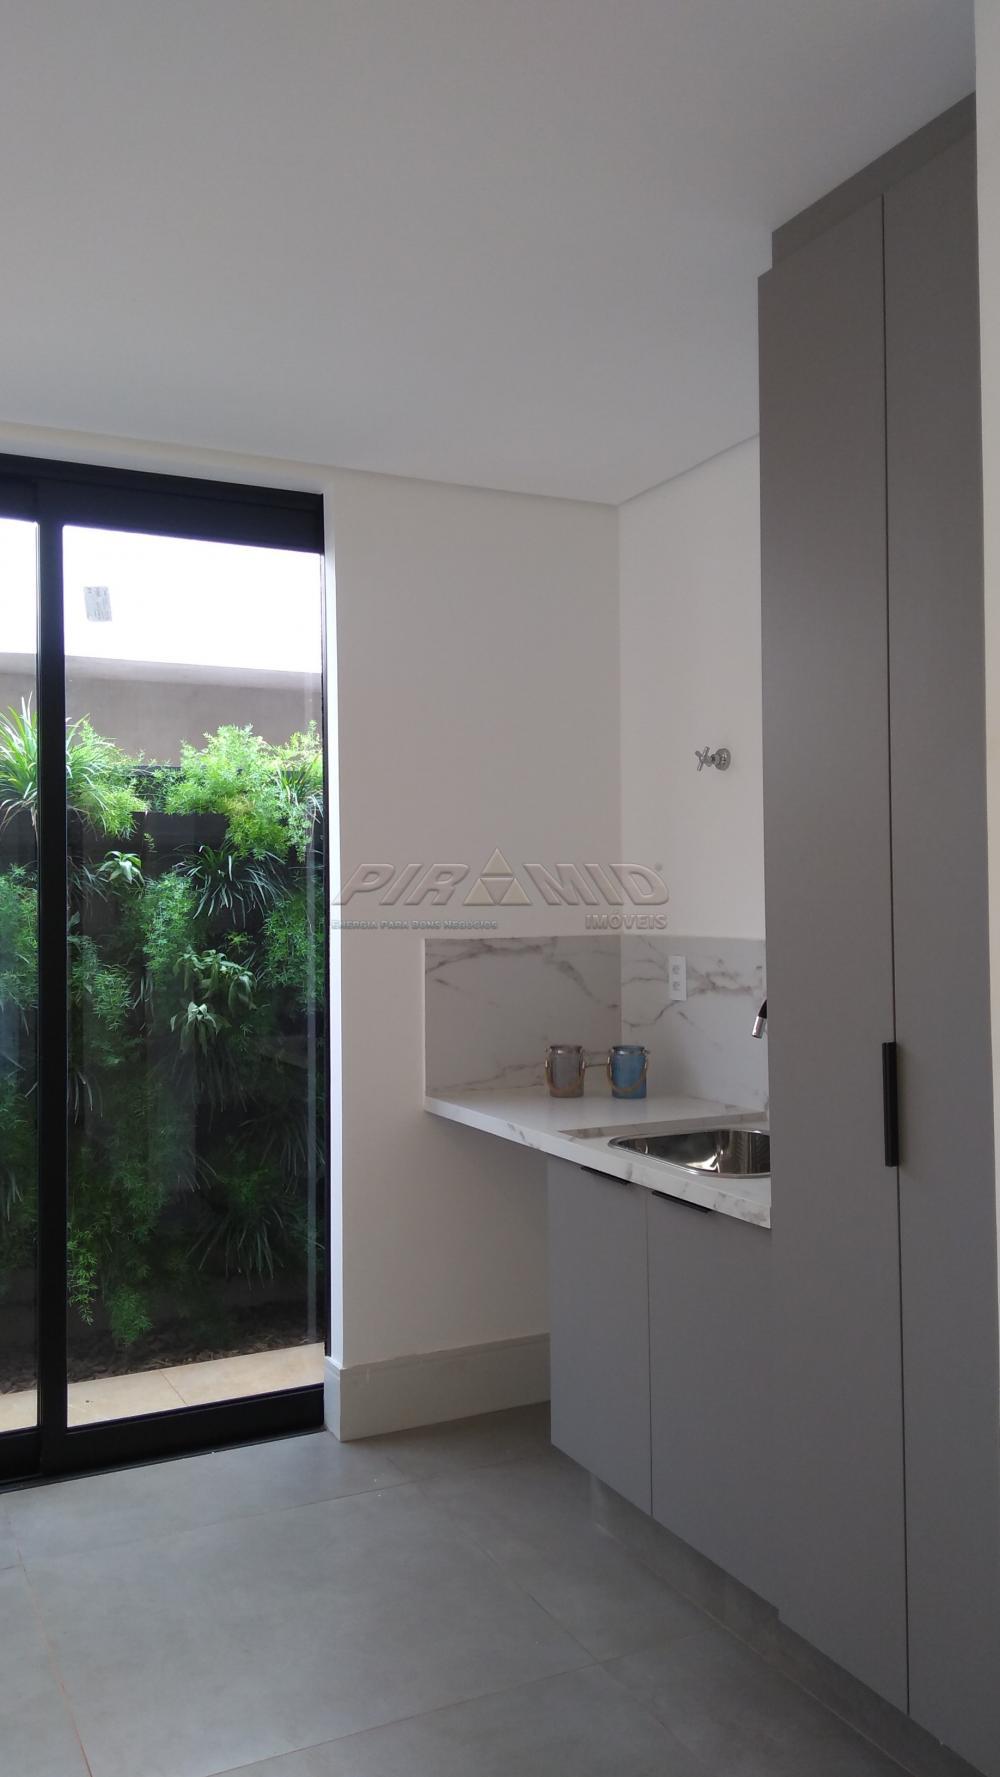 Comprar Casa / Condomínio em Ribeirão Preto apenas R$ 1.270.000,00 - Foto 5